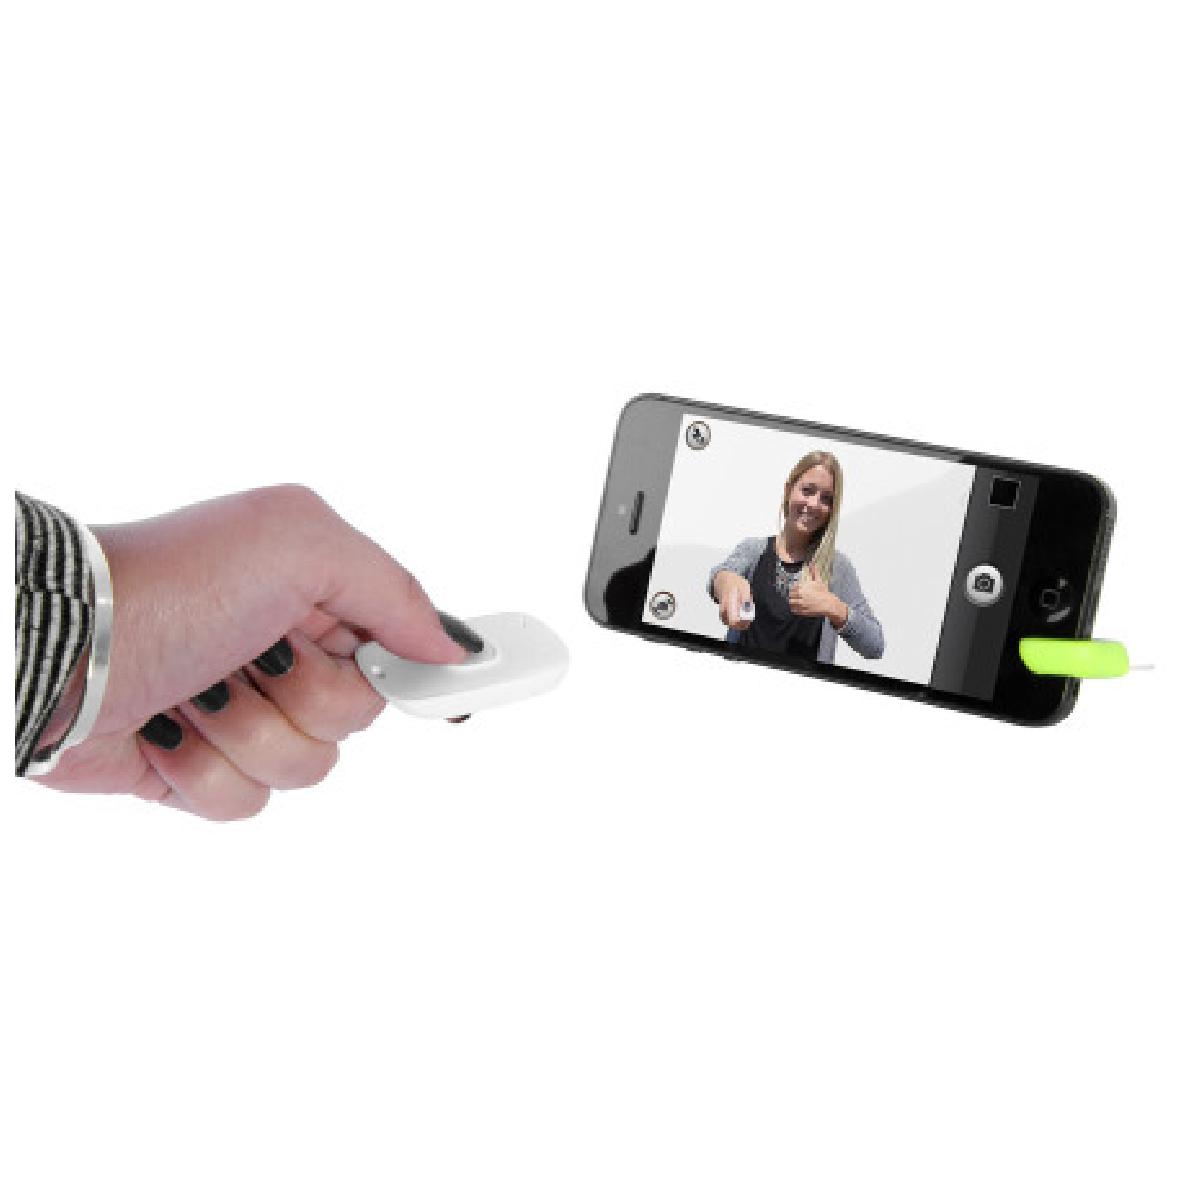 cadeaux 2 ouf   id u00e9es de cadeaux insolites et originaux    le snap remote pour iphone  une